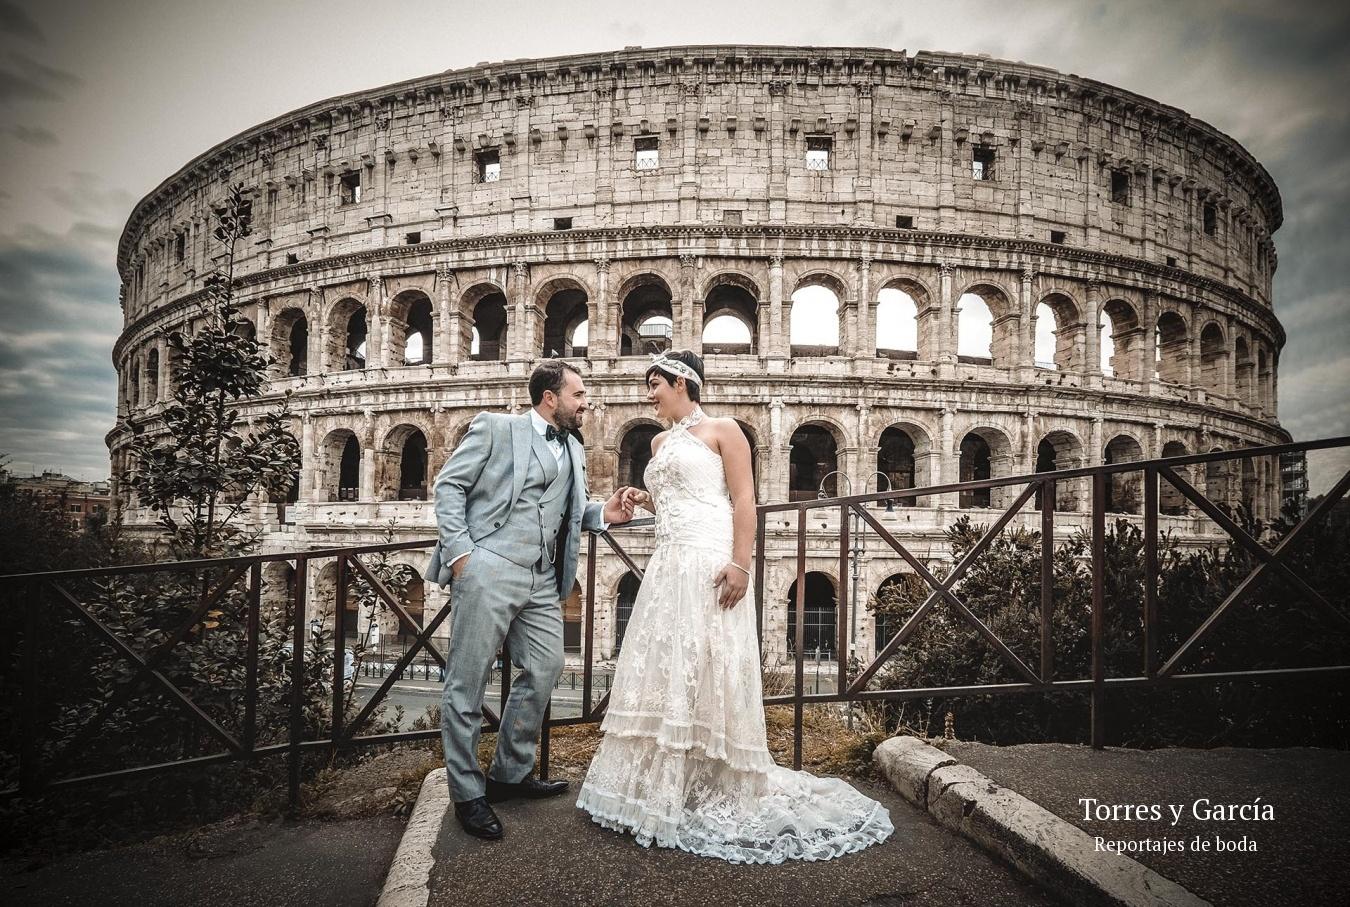 reportajes de boda en Roma - Fotografías - Libros y reportajes de boda diferentes.